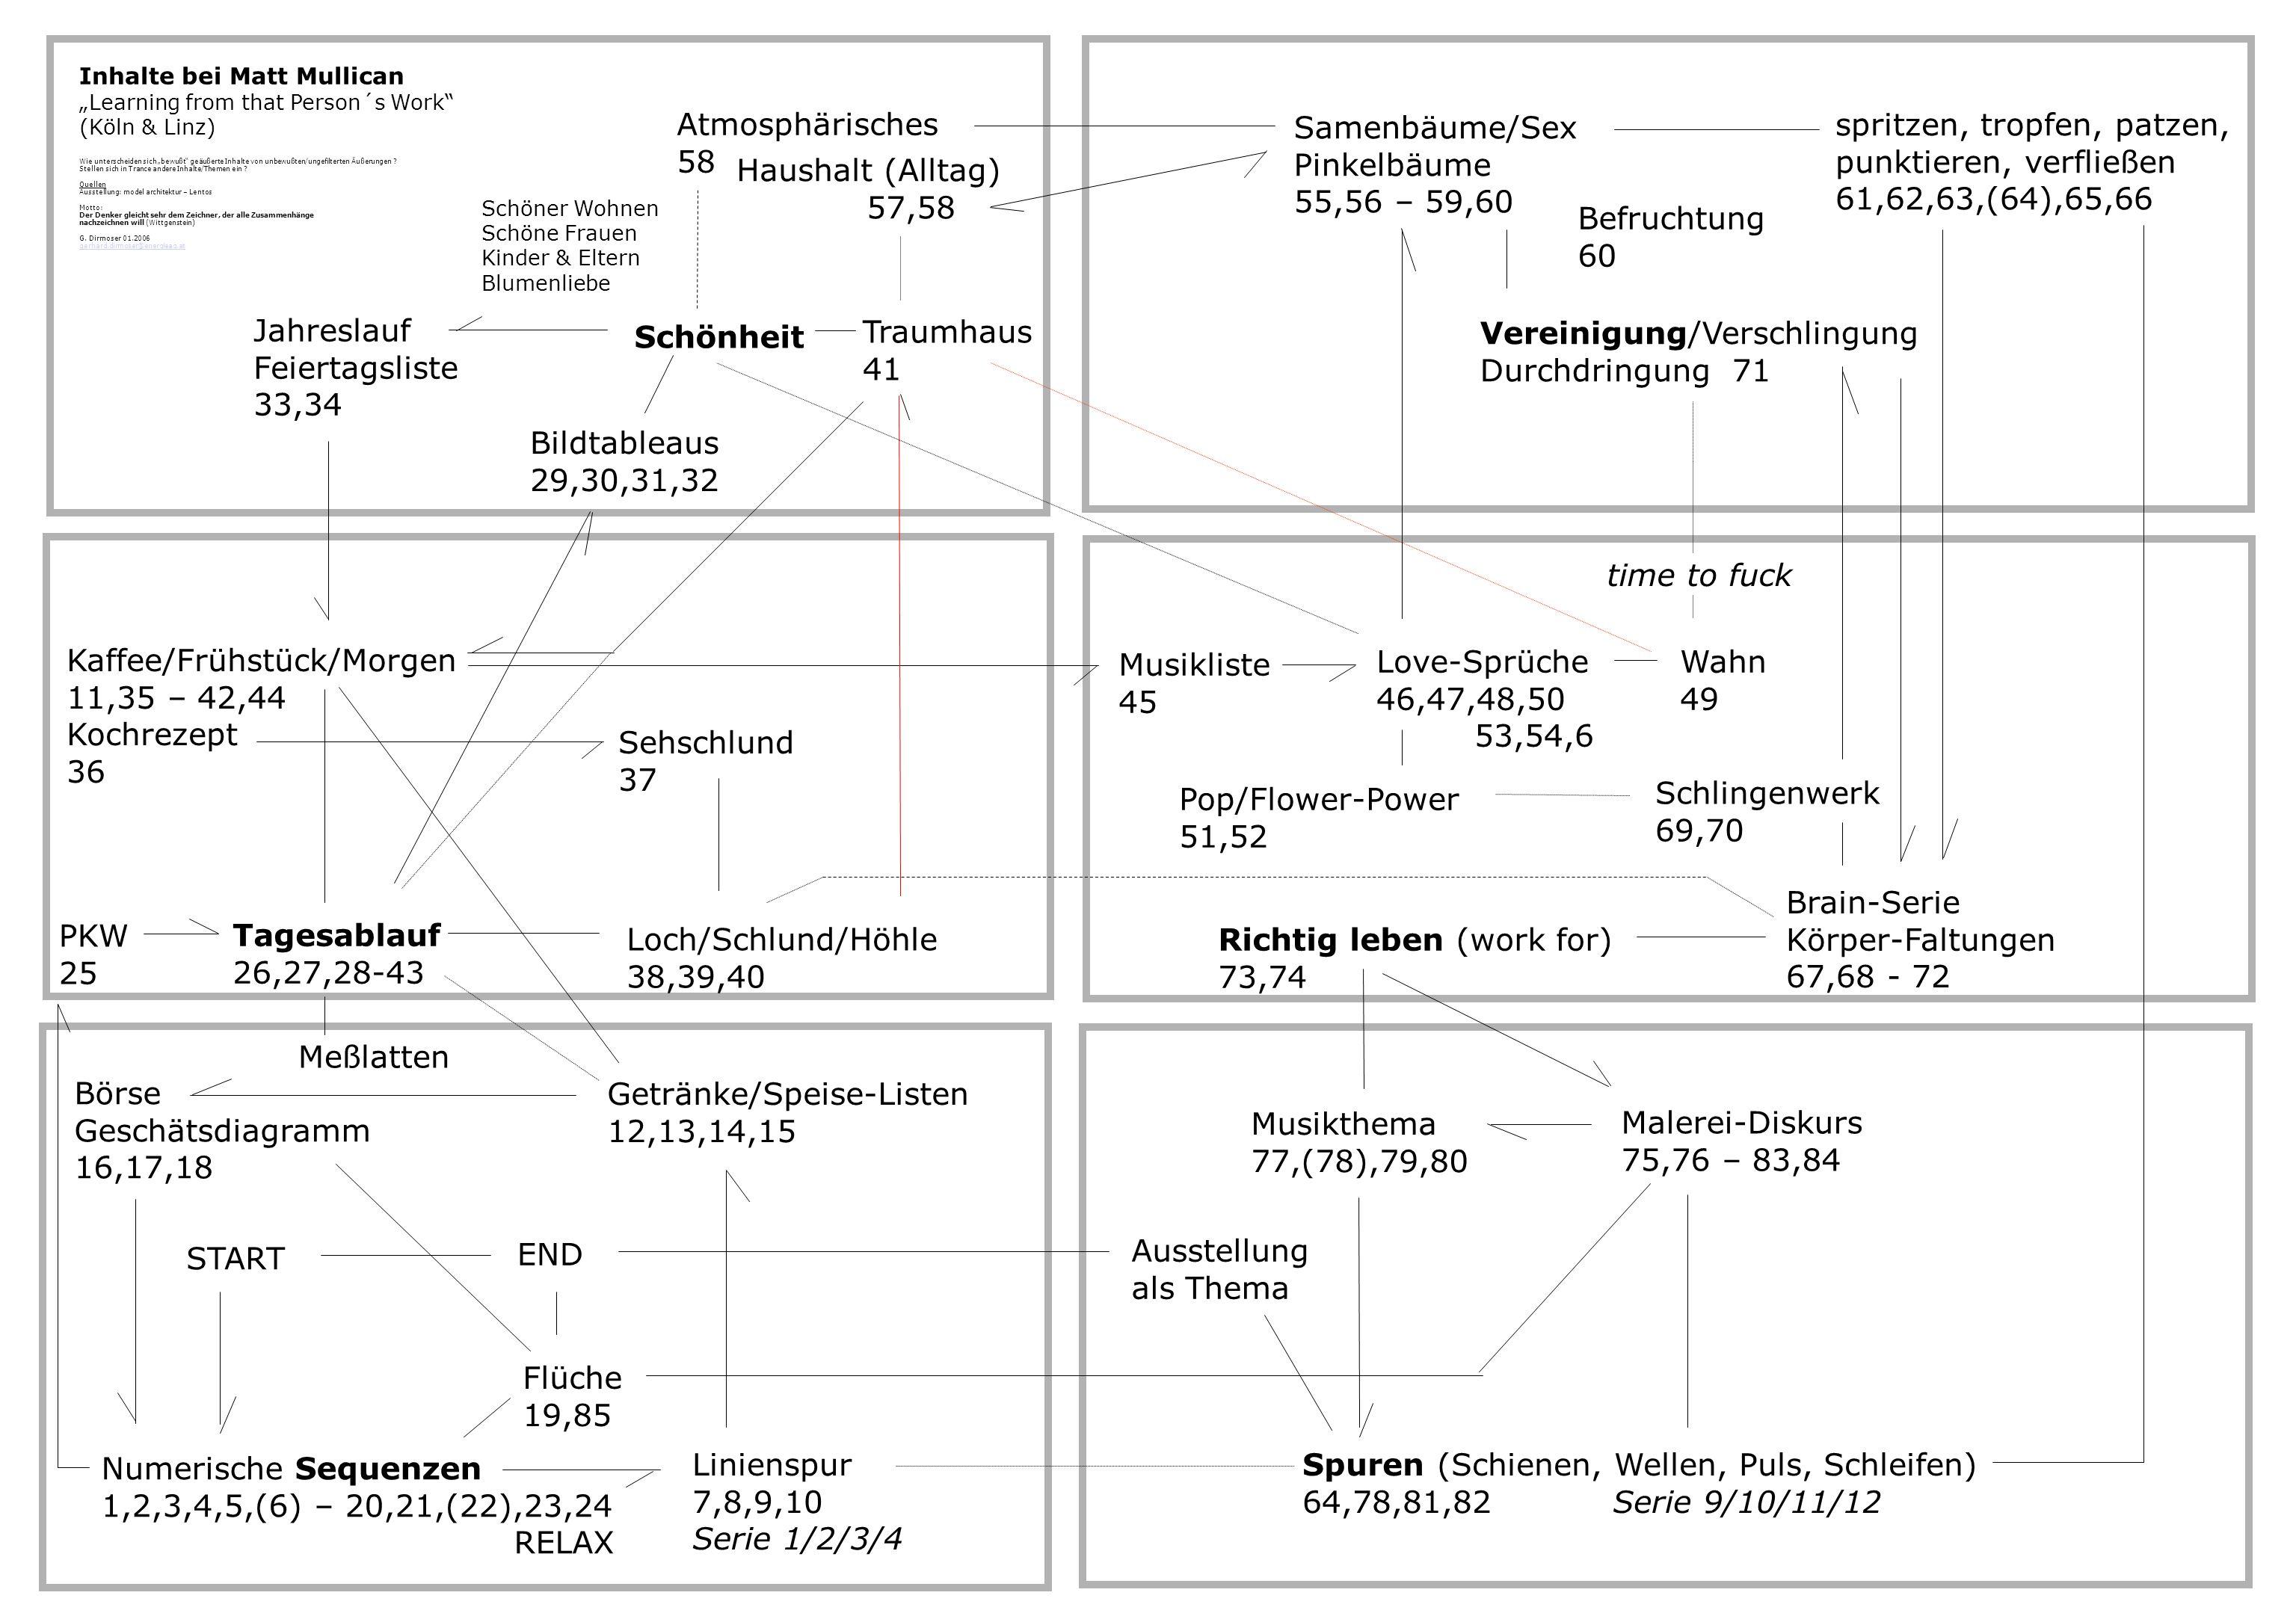 Inhalte bei Matt Mullican Learning from that Person´s Work (Köln & Linz) Wie unterscheiden sich bewußt geäußerte Inhalte von unbewußten/ungefilterten